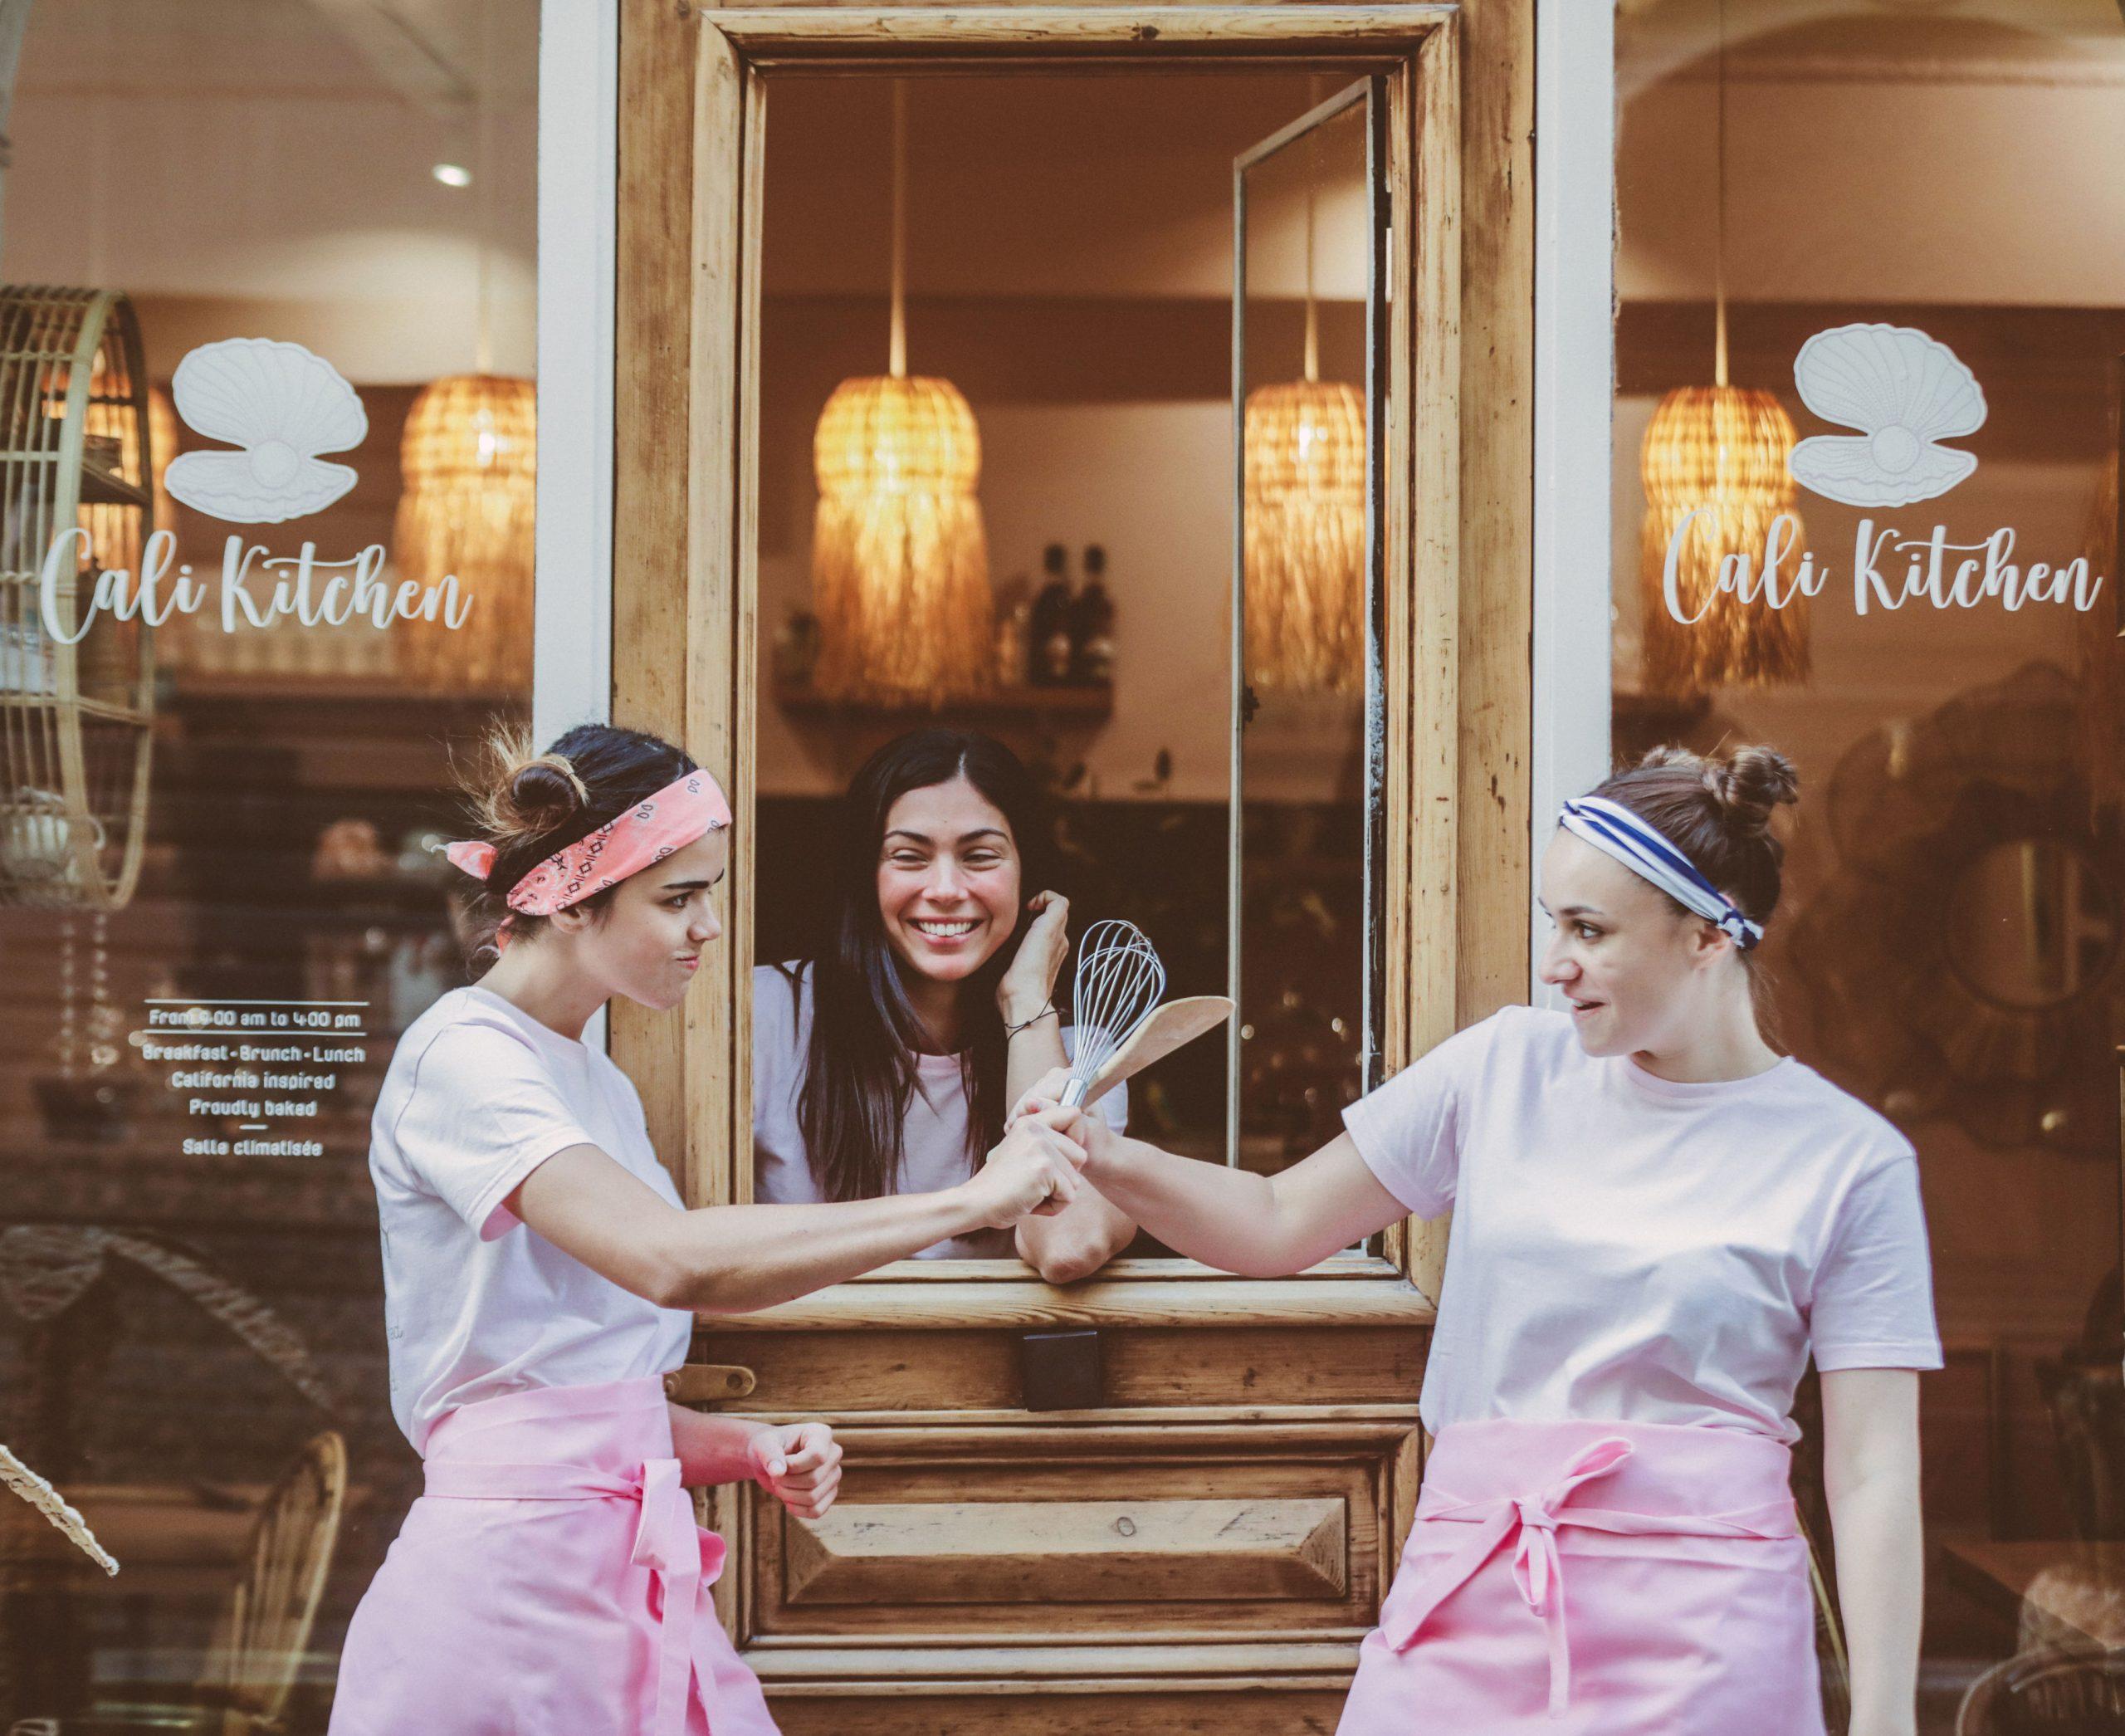 cali-kitchen-team-2